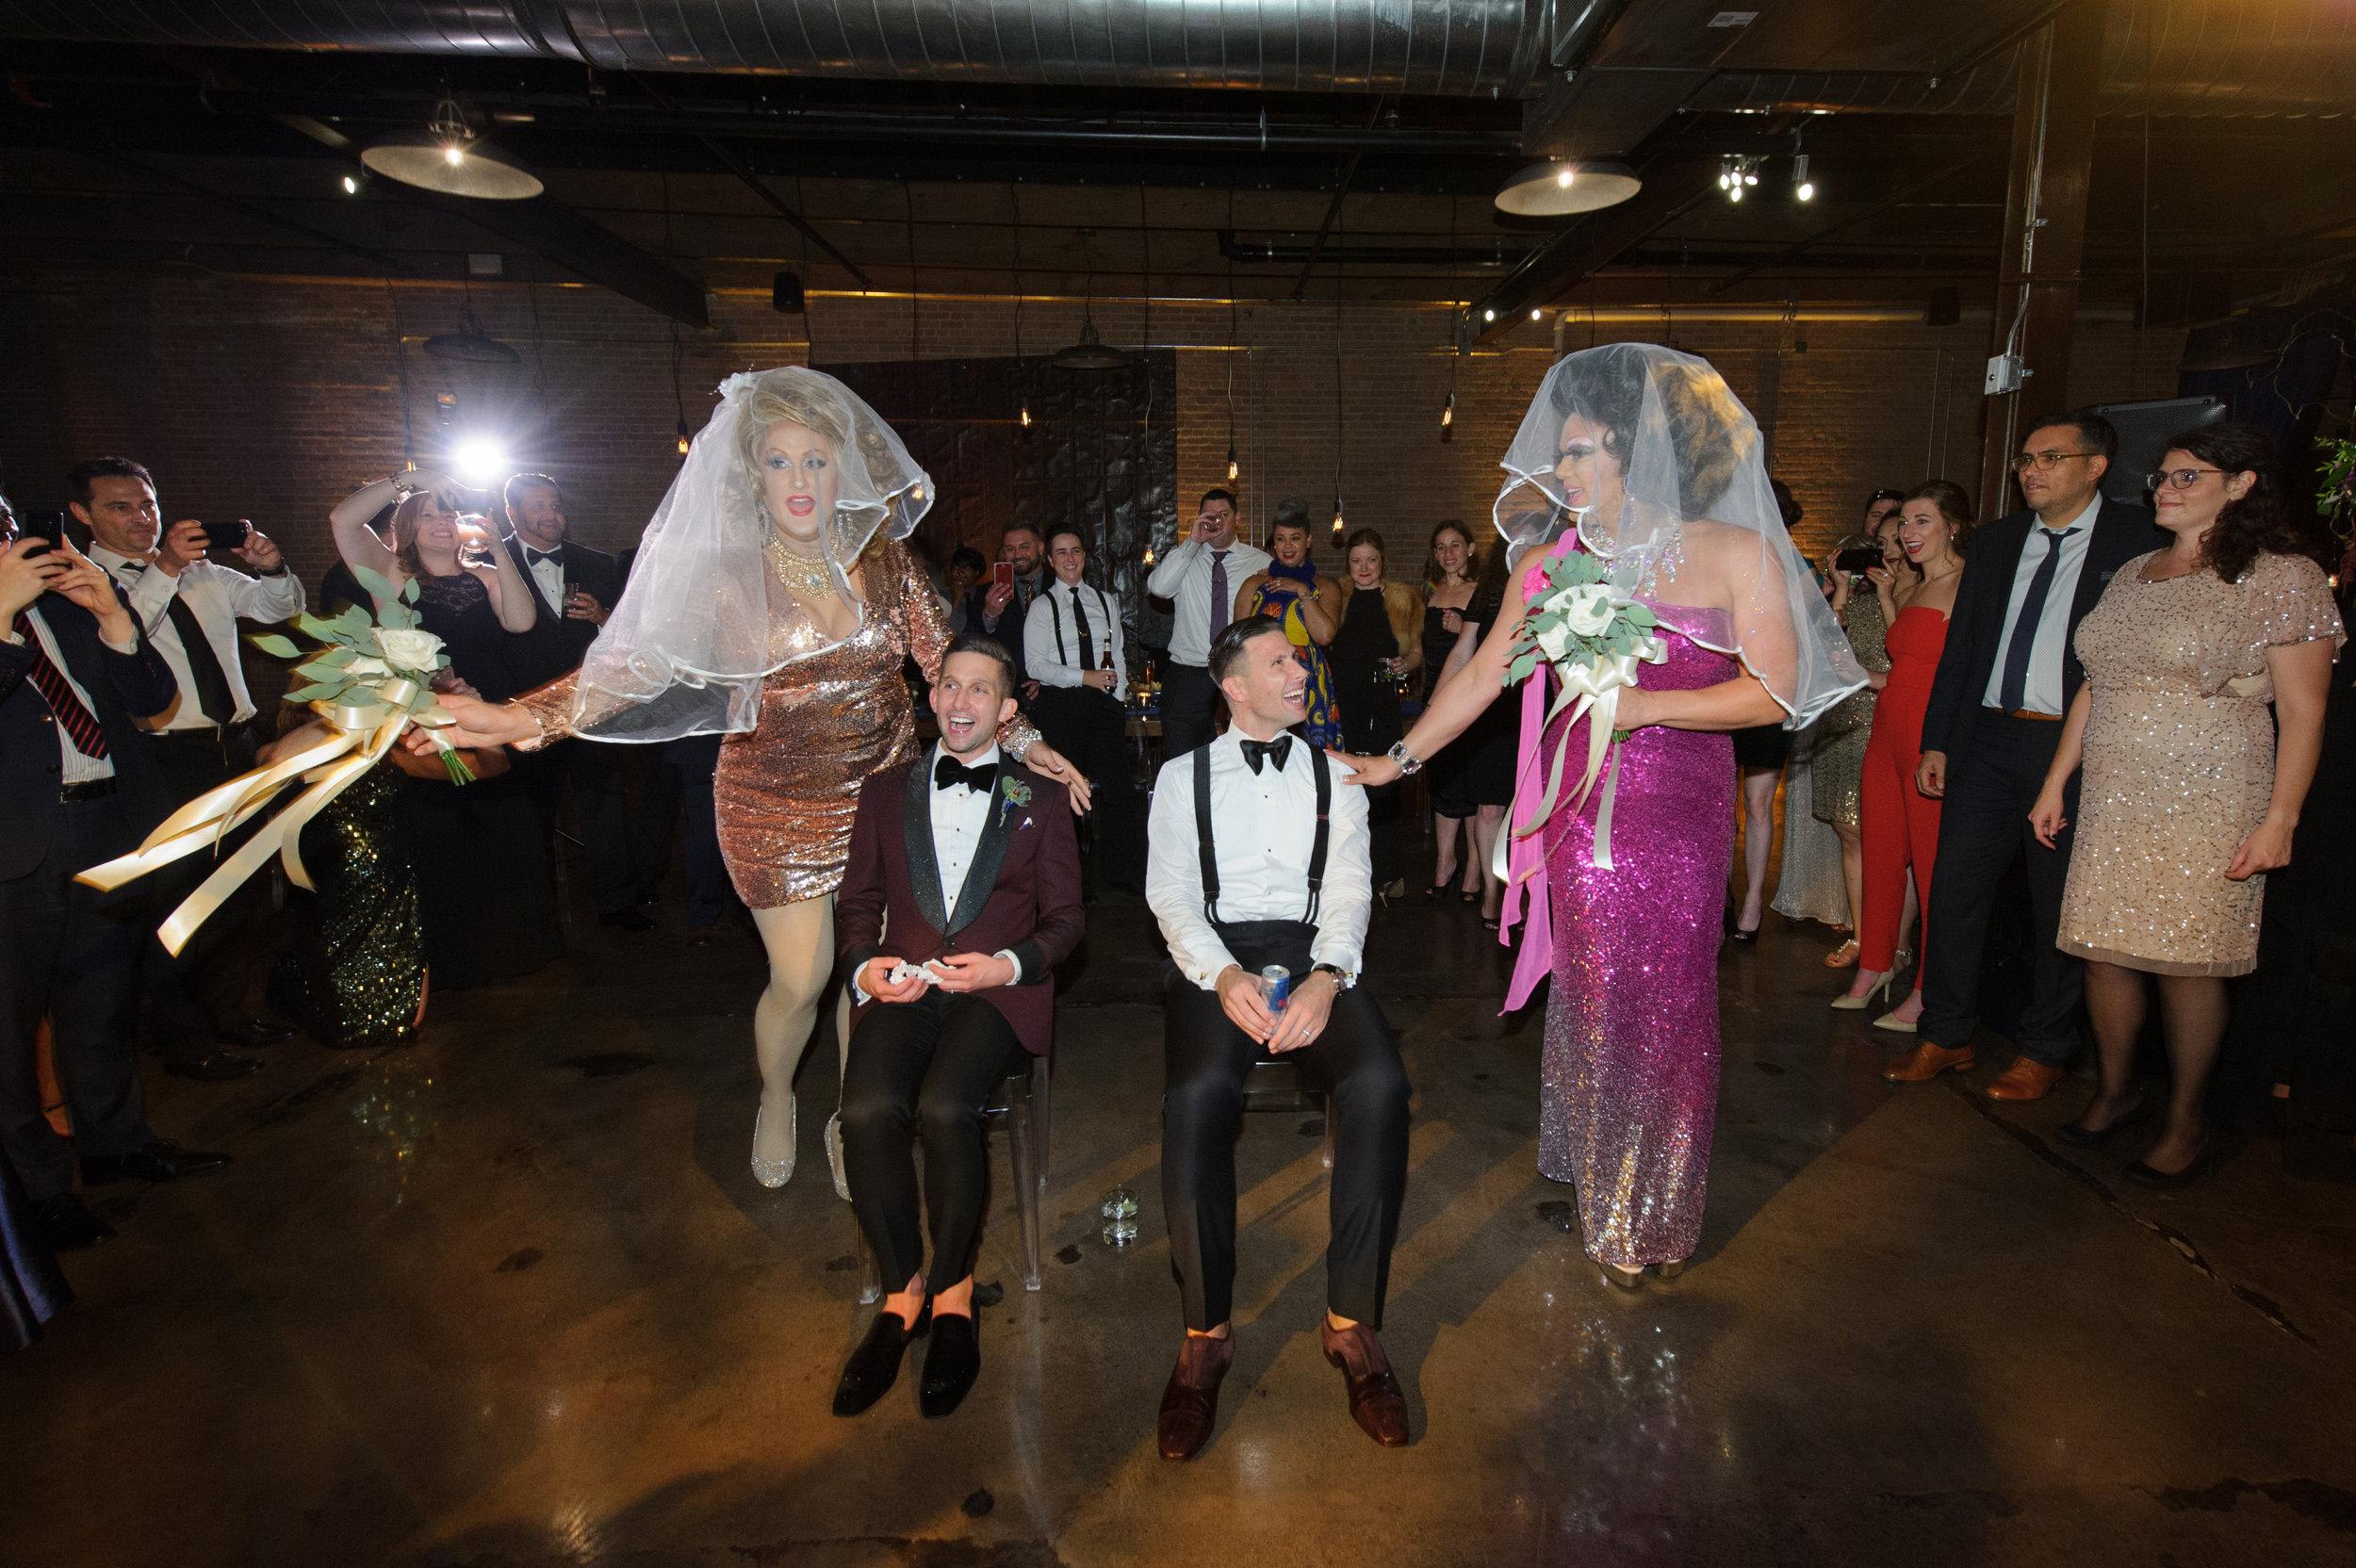 Jason-Chase-wedding-nakai-photography-0959.JPG